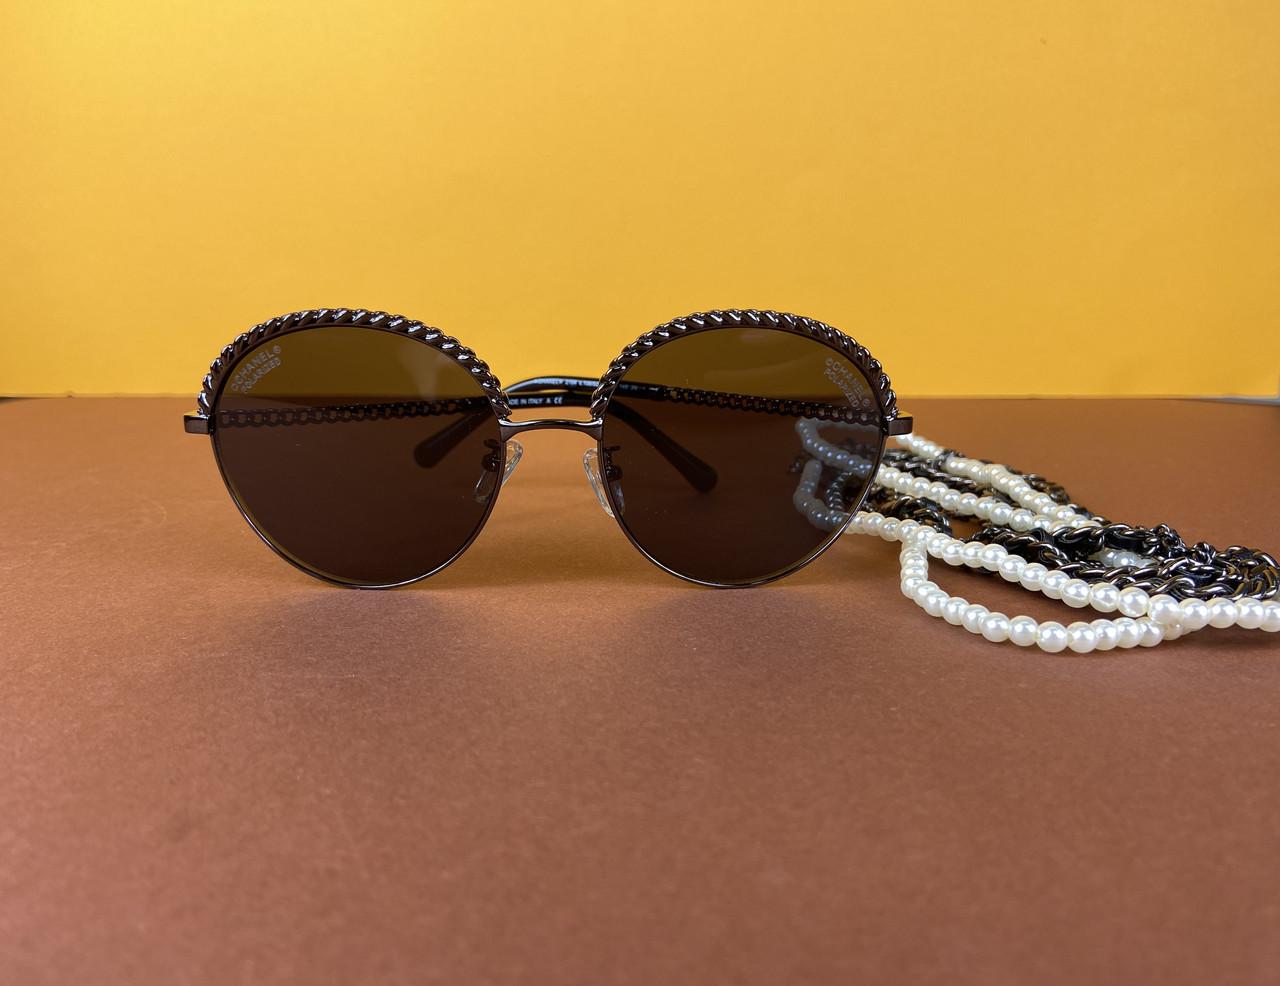 Солнцезащитные очки C*anel (Шан*ль) арт. 106-08